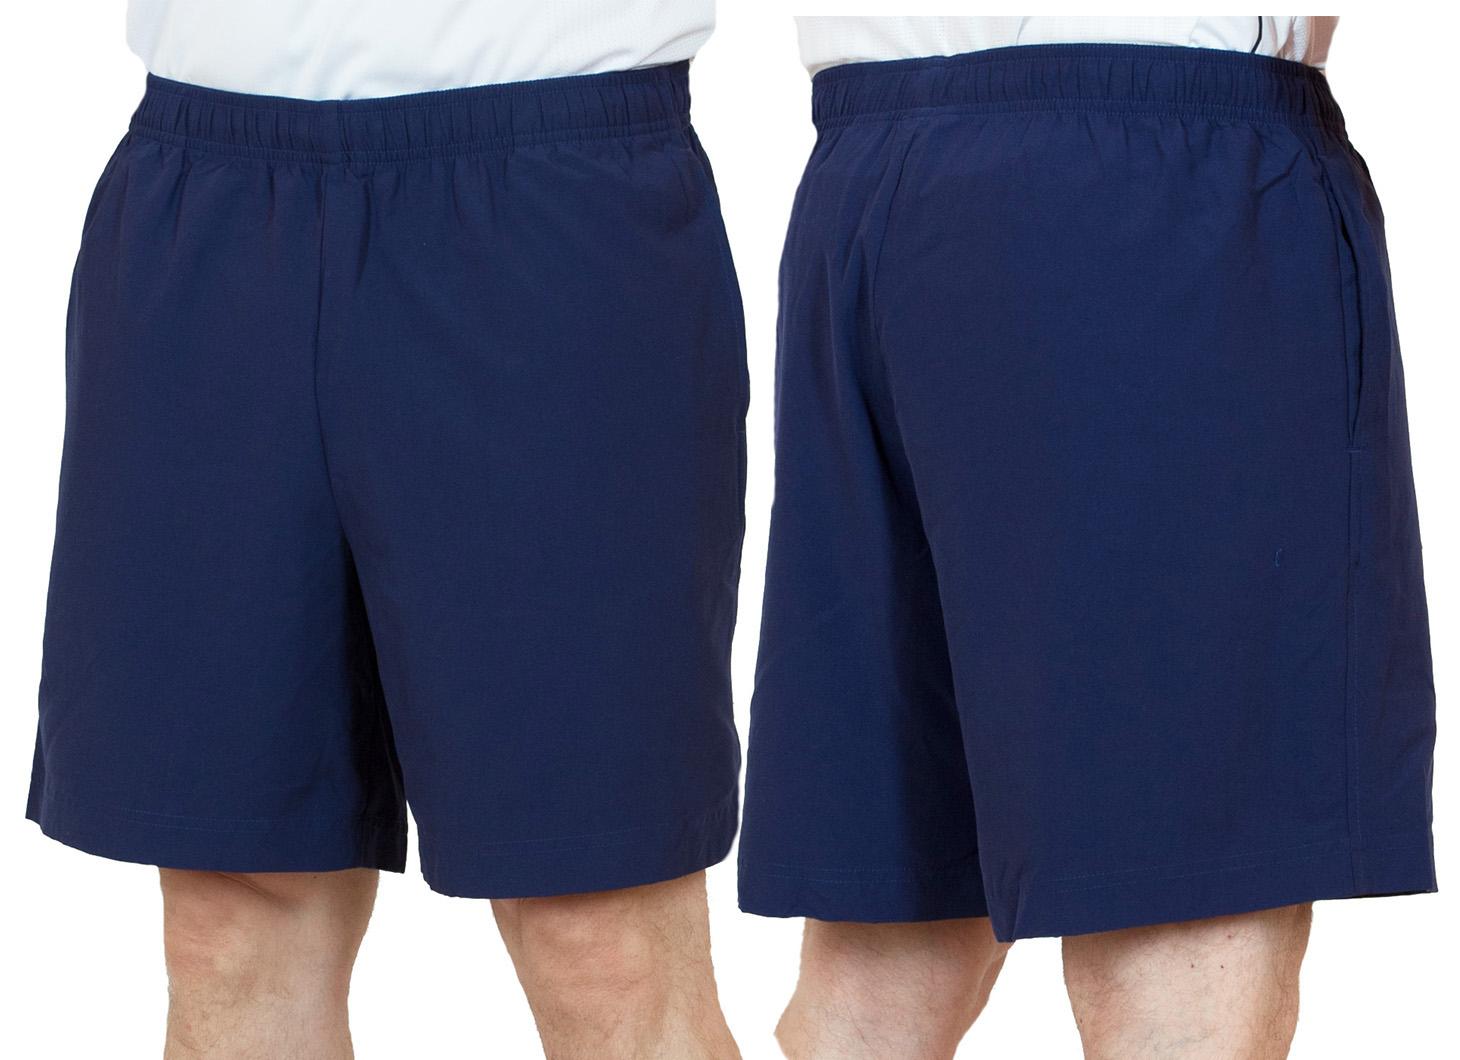 Синие спортивные мужские шорты - общий вид